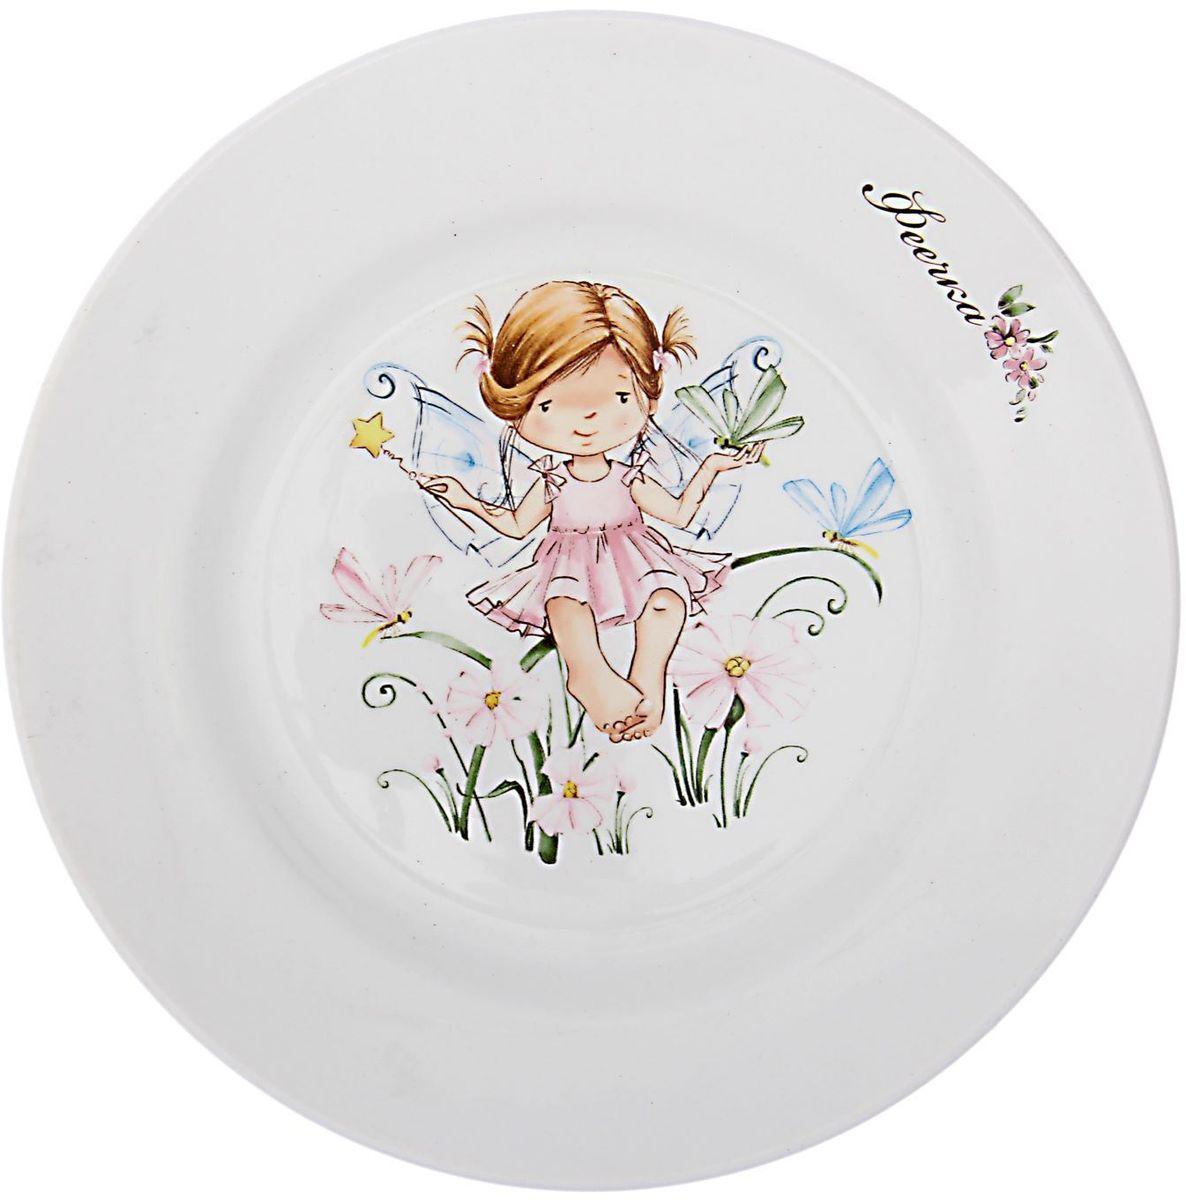 Кубаньфарфор Тарелка детская Феечки 14949851494985Фаянсовая детская посуда с забавным рисунком понравится каждому малышу. Изделие из качественного материала станет правильным выбором для повседневной эксплуатации и поможет превратить каждый прием пищи в радостное приключение.Особенности:- простота мойки,- стойкость к запахам,- насыщенный цвет.